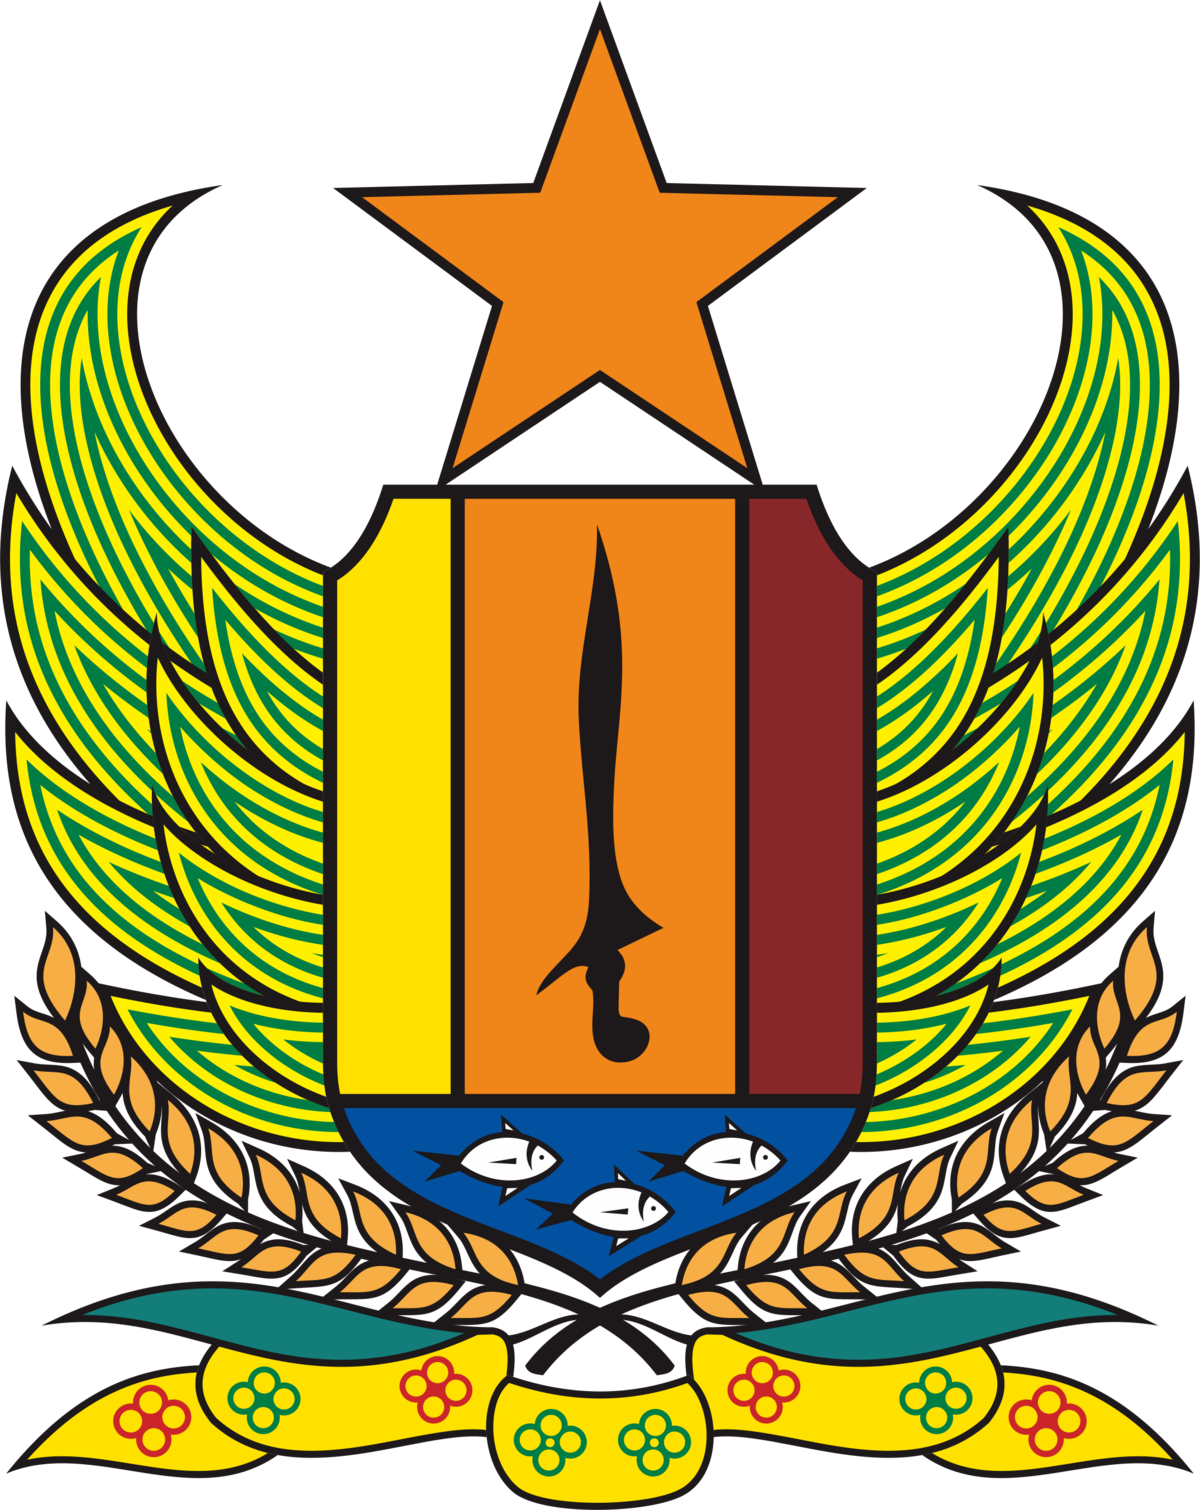 kecamatan-petungkriyono